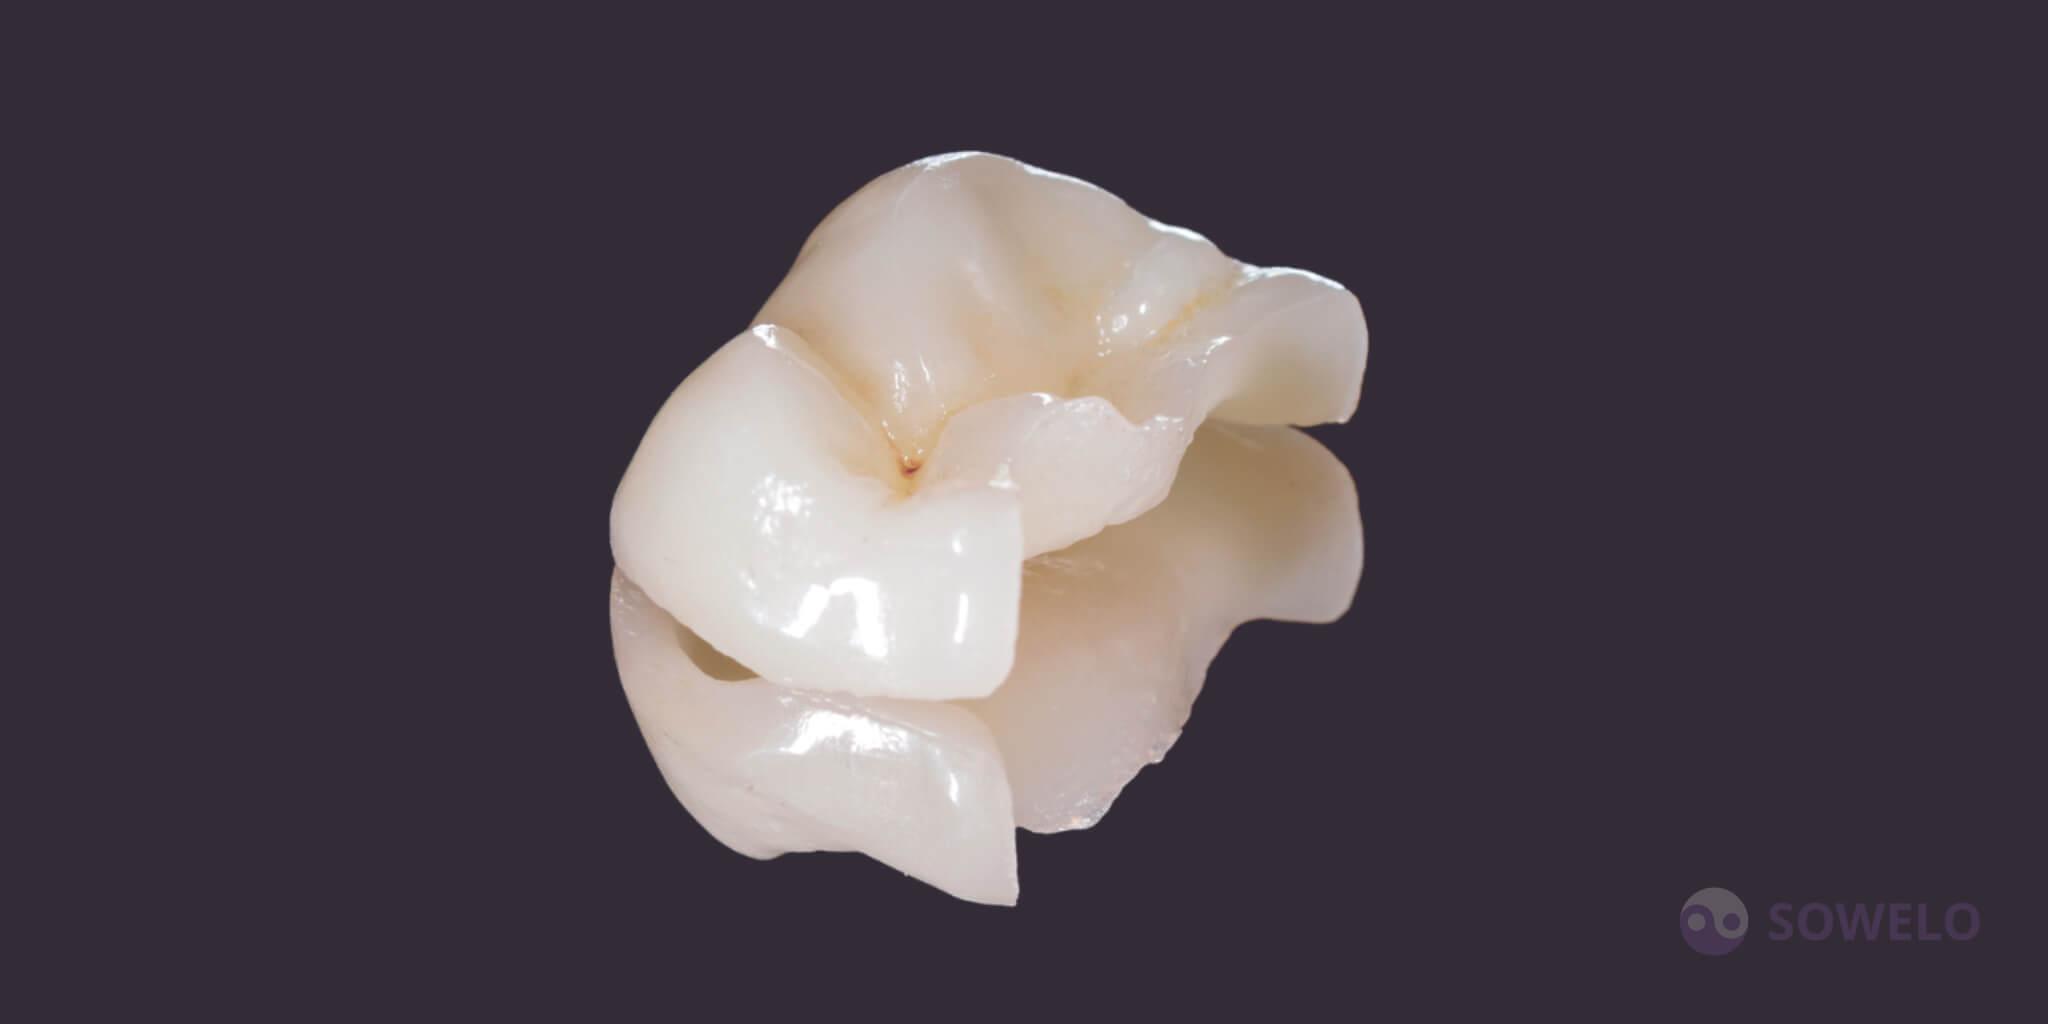 Inlayi, Onlayi ali Overlayi so odlična alternativa prevlekam in belim plombam za tiste, ki dajejo prednost minimalno invazivni terapiji, pri pripravi zoba ni potrebe po obsežnem brušenju kot pri prevleki in do manjše mere tudi beli plombi. Izdelani so iz porcelana in žlahtnih kovin (zlato). Izdelani so v zobotehničnem laboratoriju, tako sta njihova oblika in barva identični naravni anatomiji zoba. Griz in stiki s sosednjimi zobmi so popolnoma urejeni. Pri ustrezni higieni imajo dolgo življenjsko dobo; se ne obrabljajo in ne zabarvajo, tako kot bele plombe (zalivke).